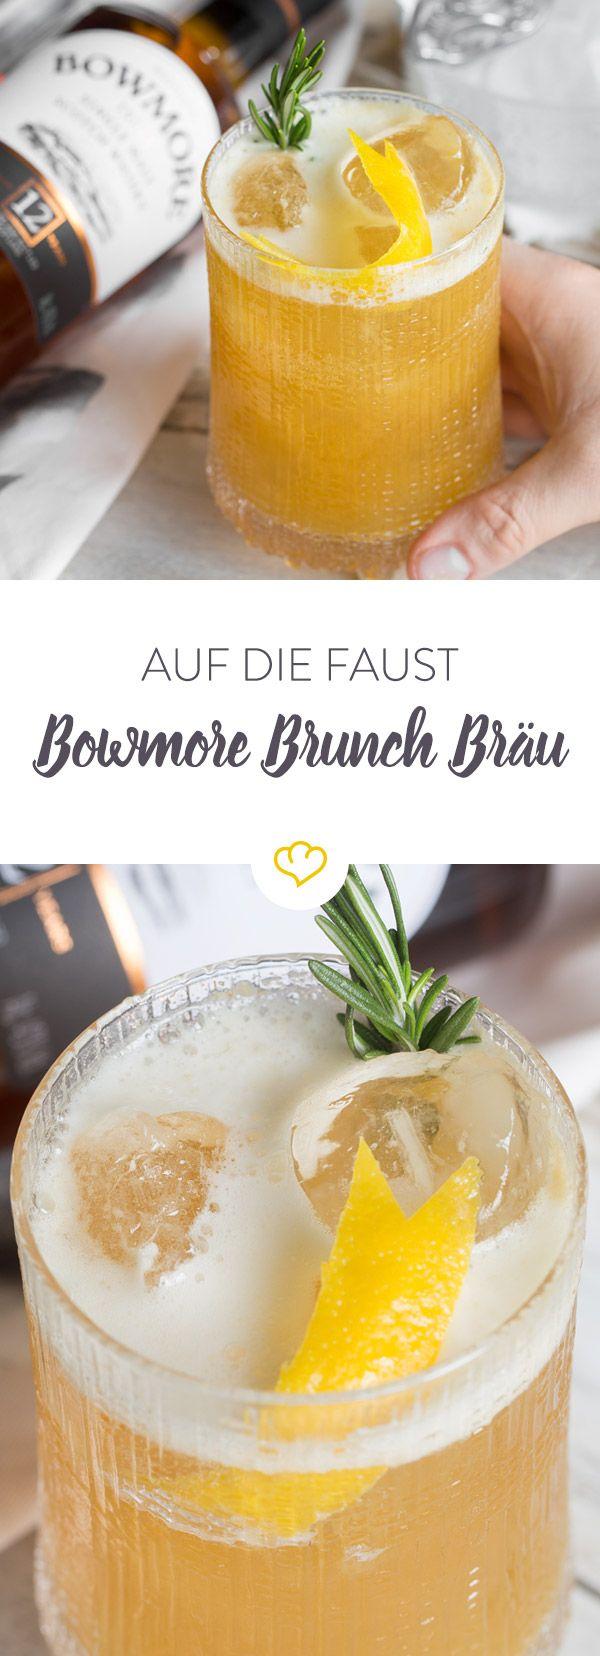 Du bist auf der Suche nach einem süffigen Brunch-Cocktail für freie Tage? Dann probiere den Bowmore Brunch Bräu!